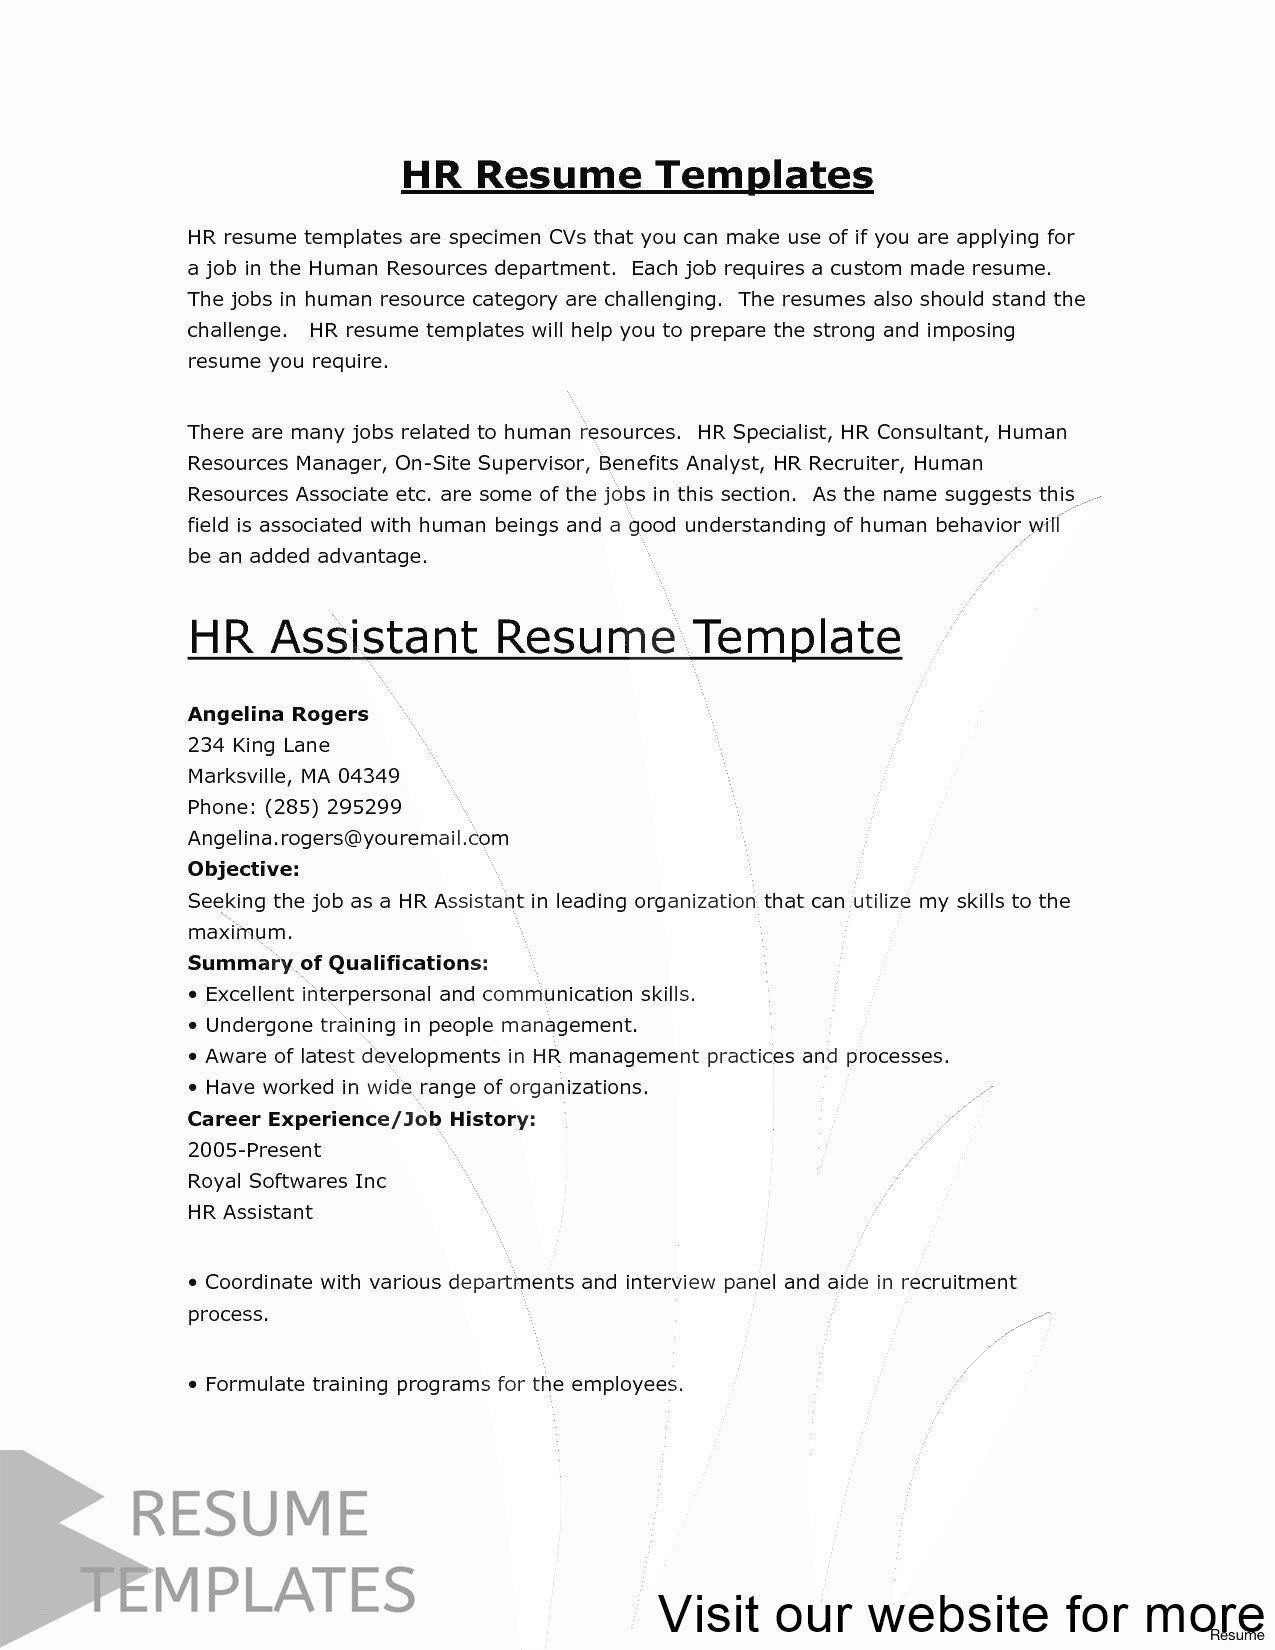 Free Resume Builder Reddit Best In 2020 Resume Template Free Resume Template Professional Best Resume Template